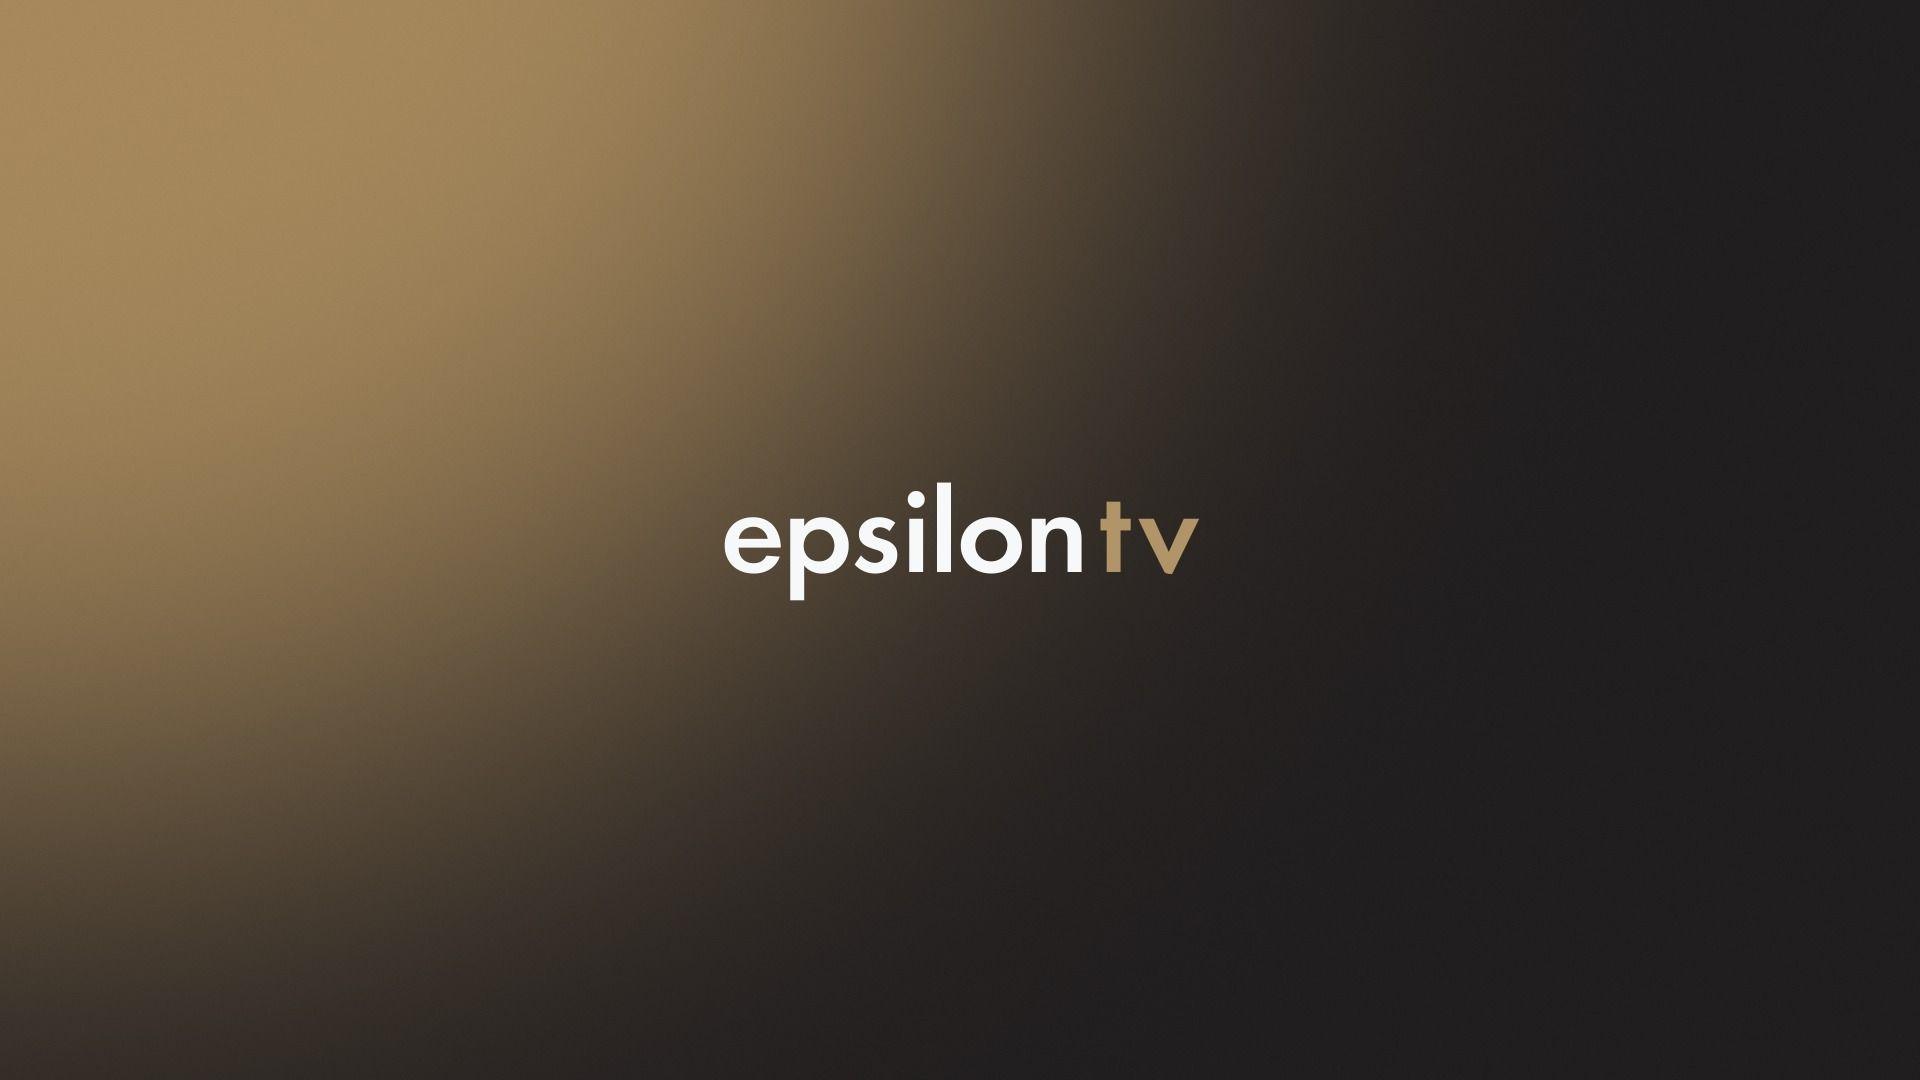 epsilontv_2